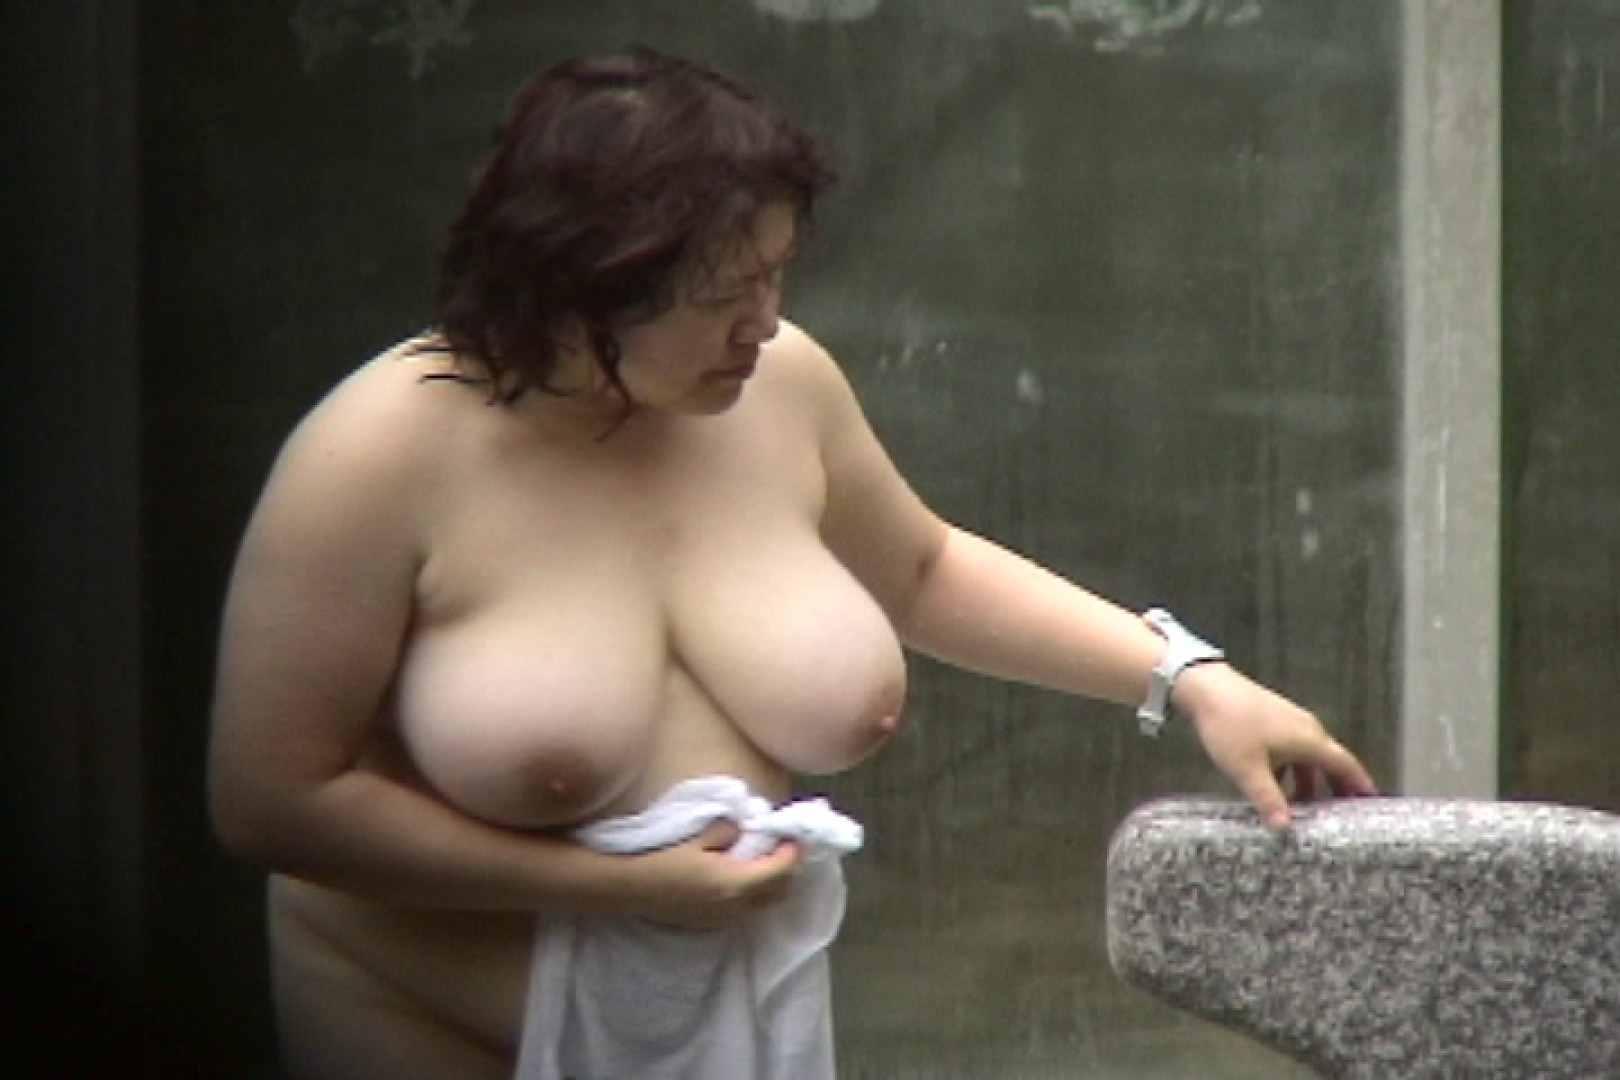 Aquaな露天風呂Vol.456 美しいOLの裸体 スケベ動画紹介 88pic 38